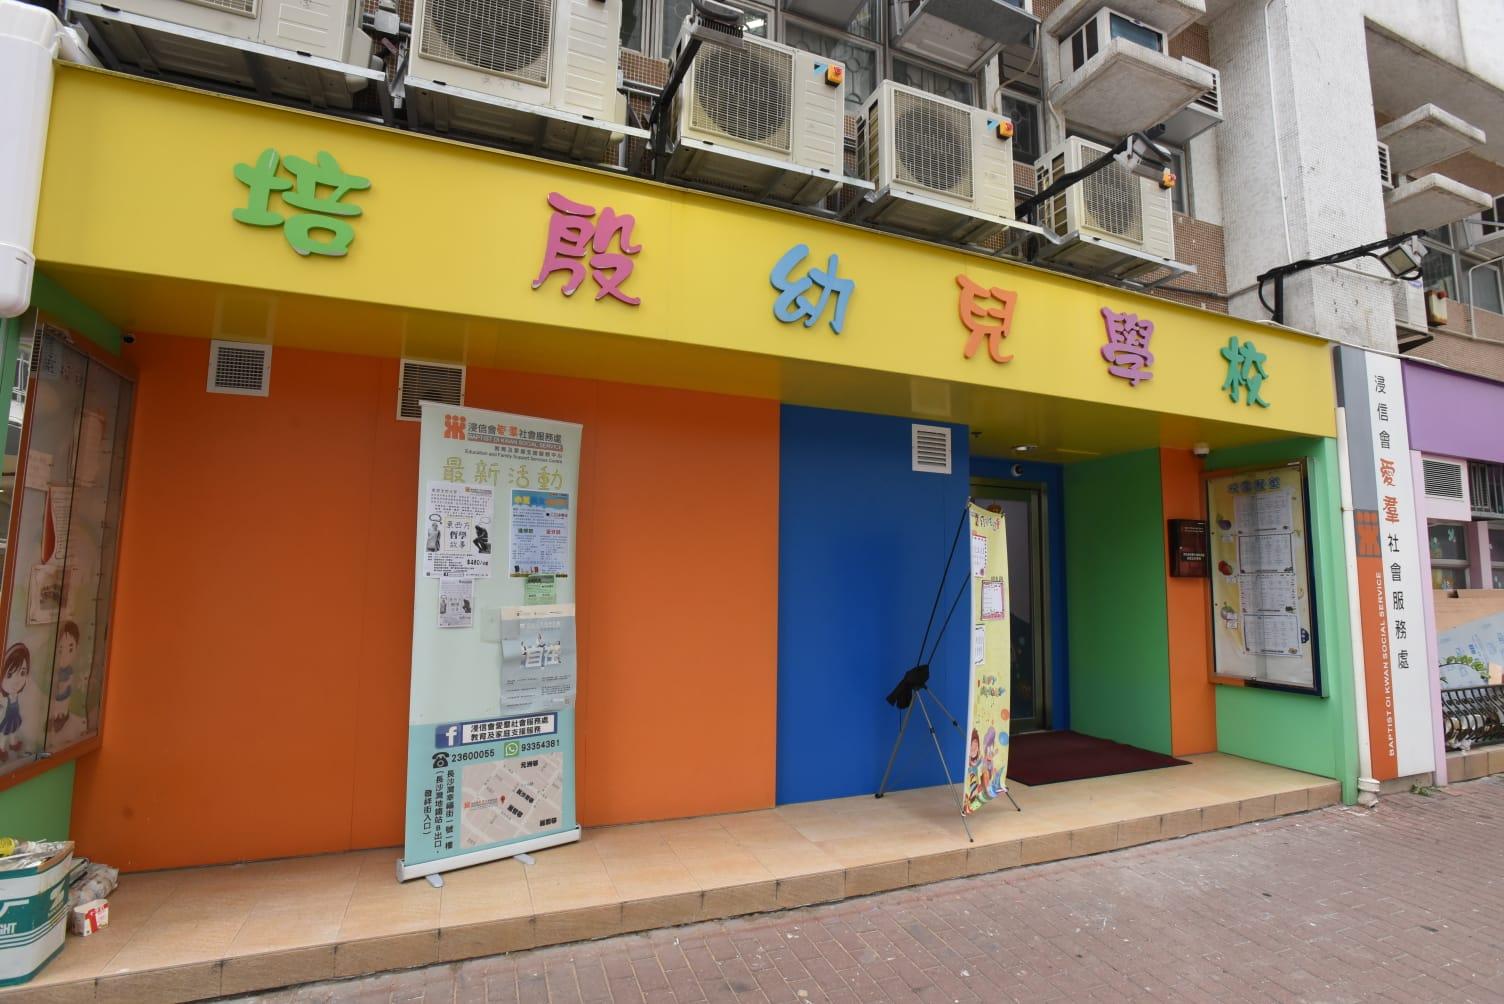 長沙灣幸福街1號一間幼兒園照常開學。